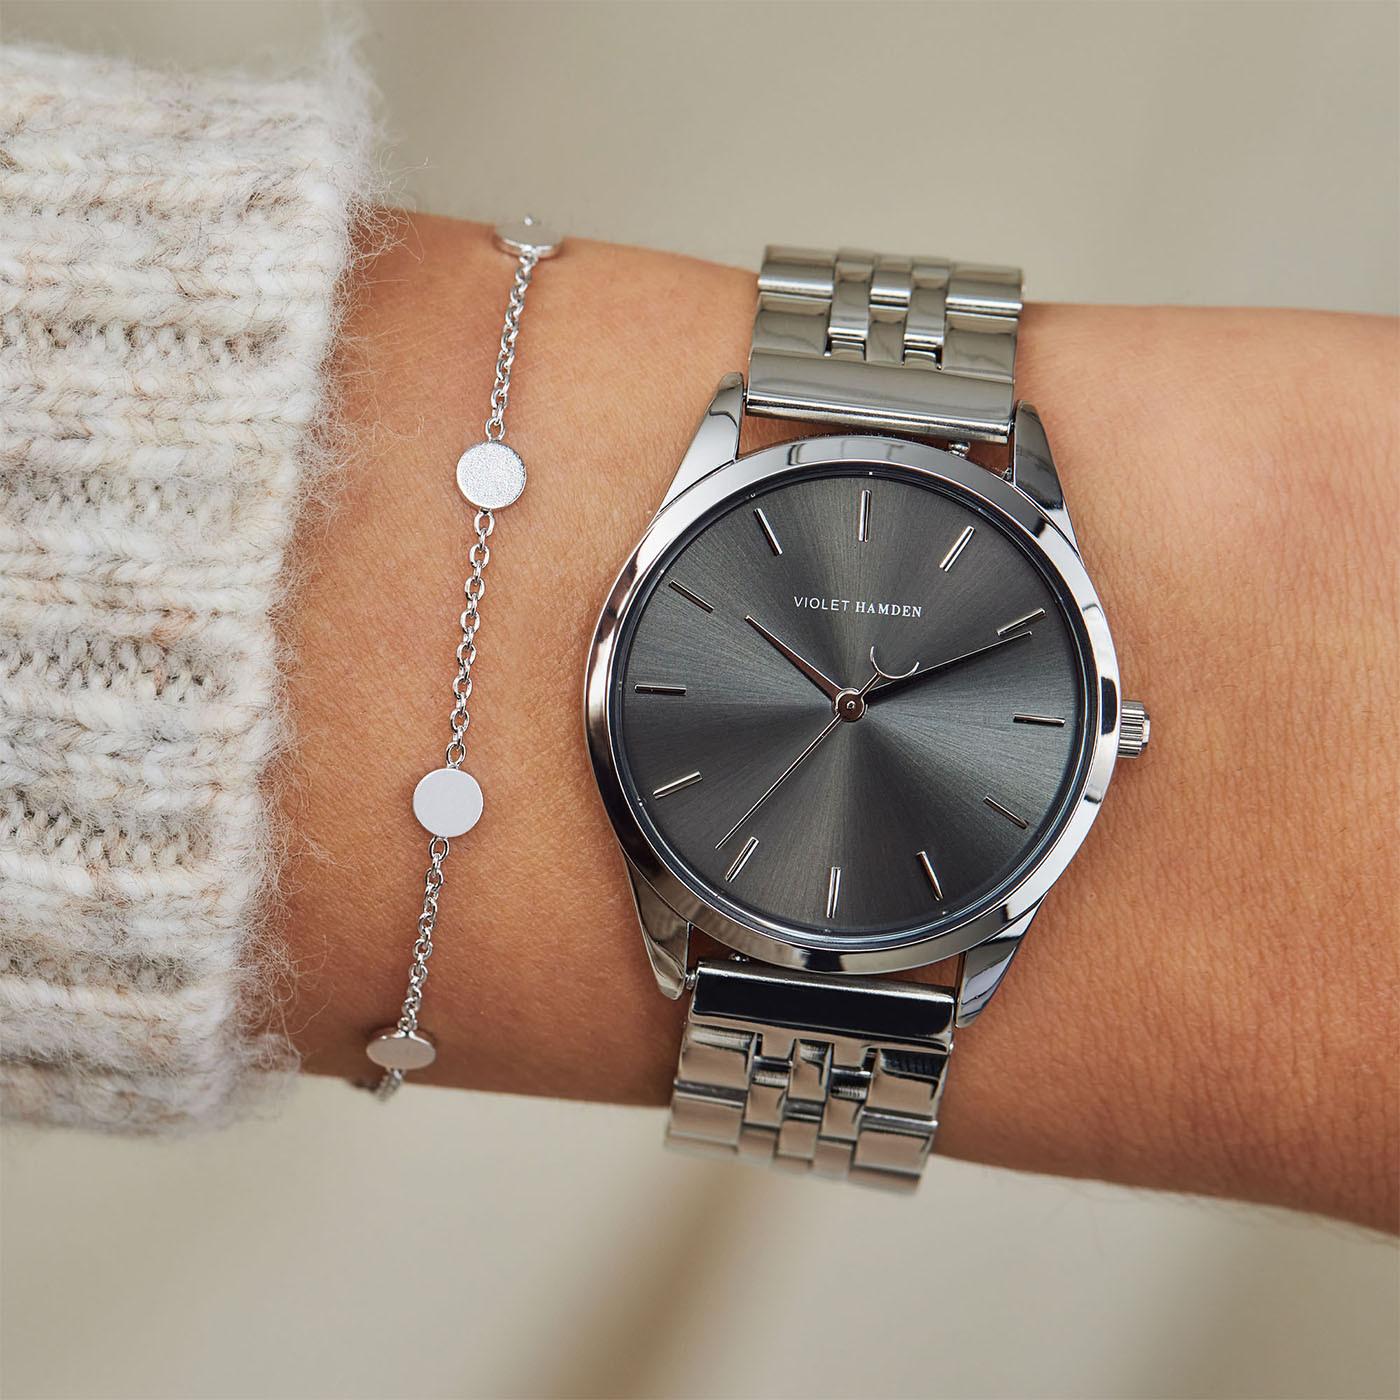 Violet Hamden Serene City Zilverkleurig/Grijs horloge VH04003